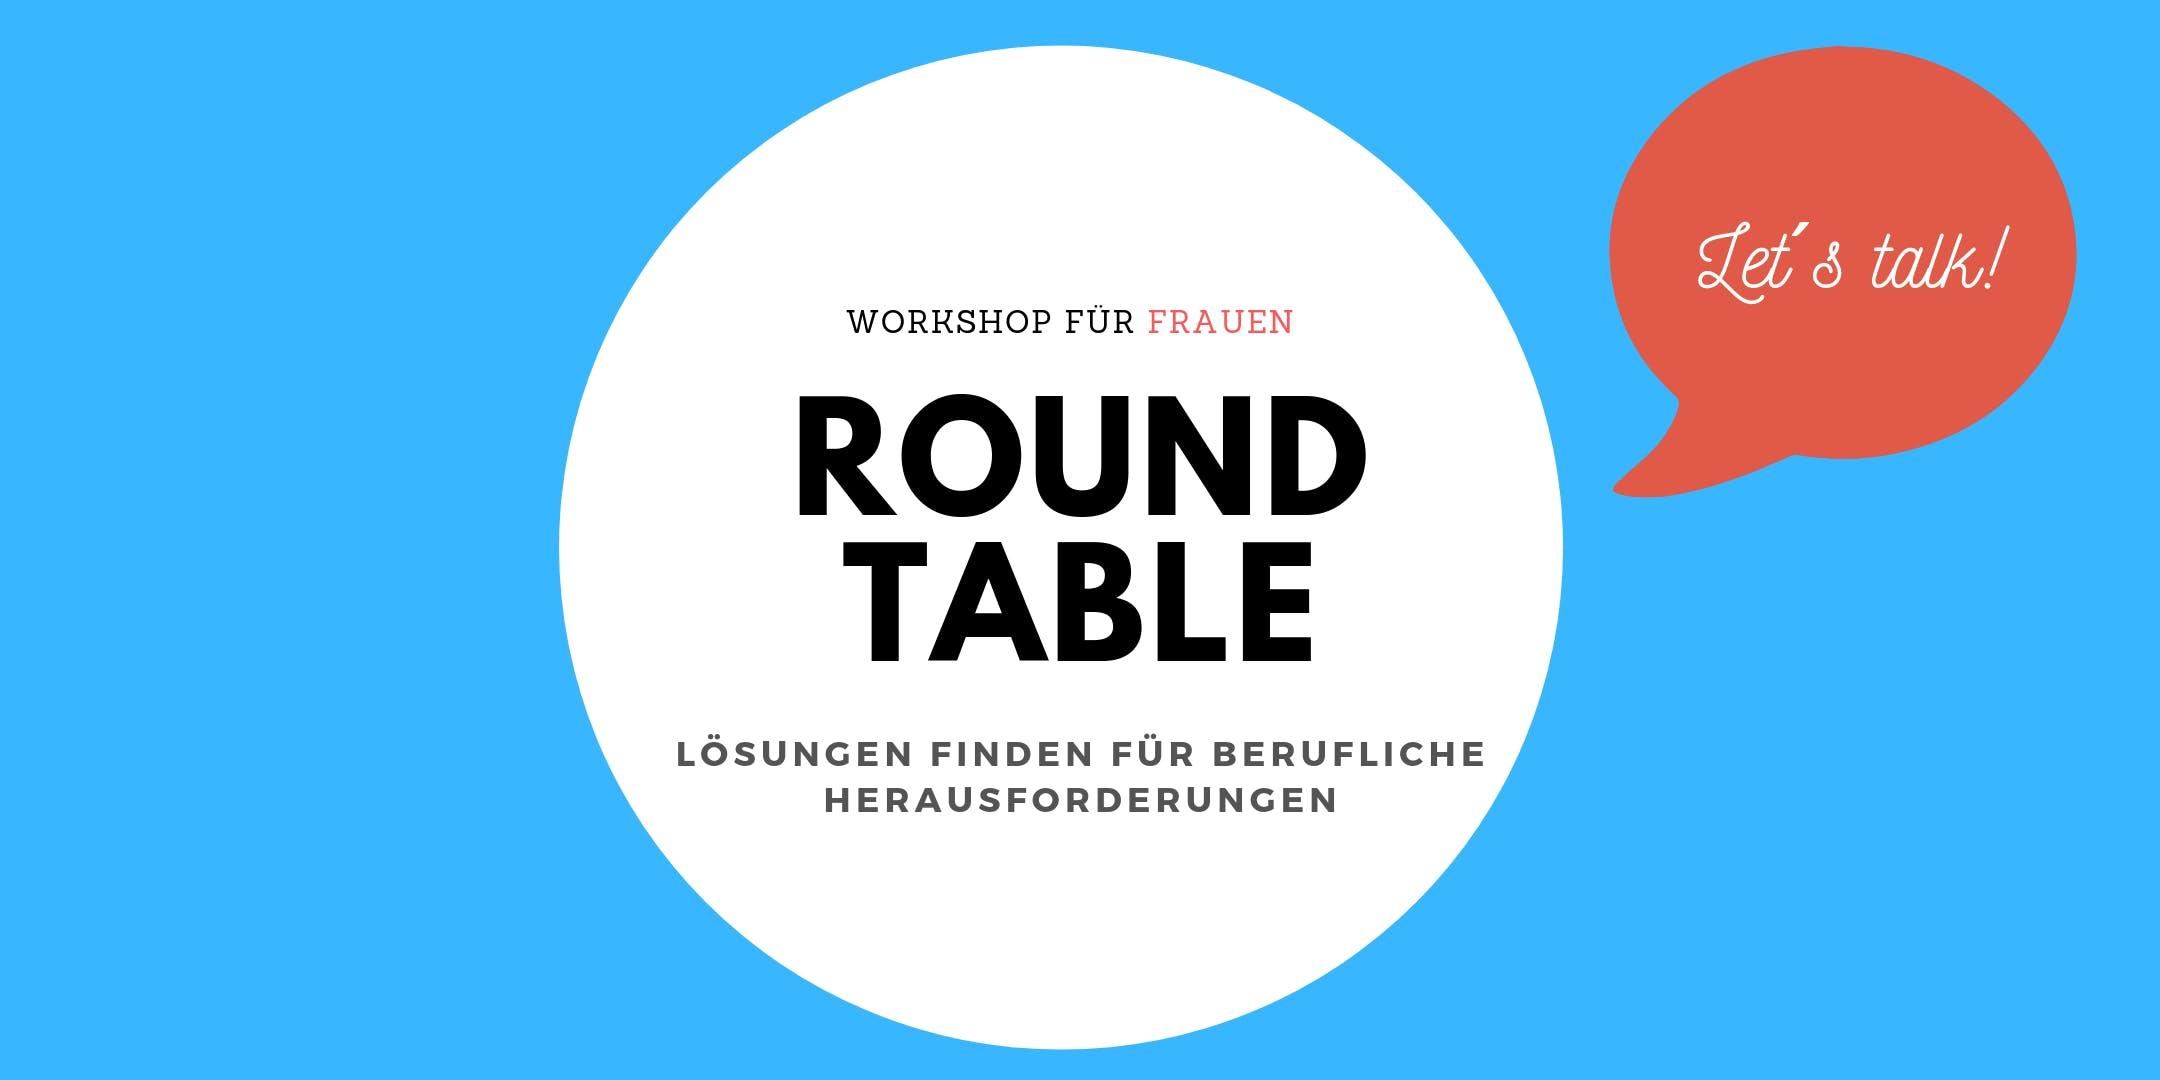 Roundtable: Lösungen finden für berufliche Herausforderungen